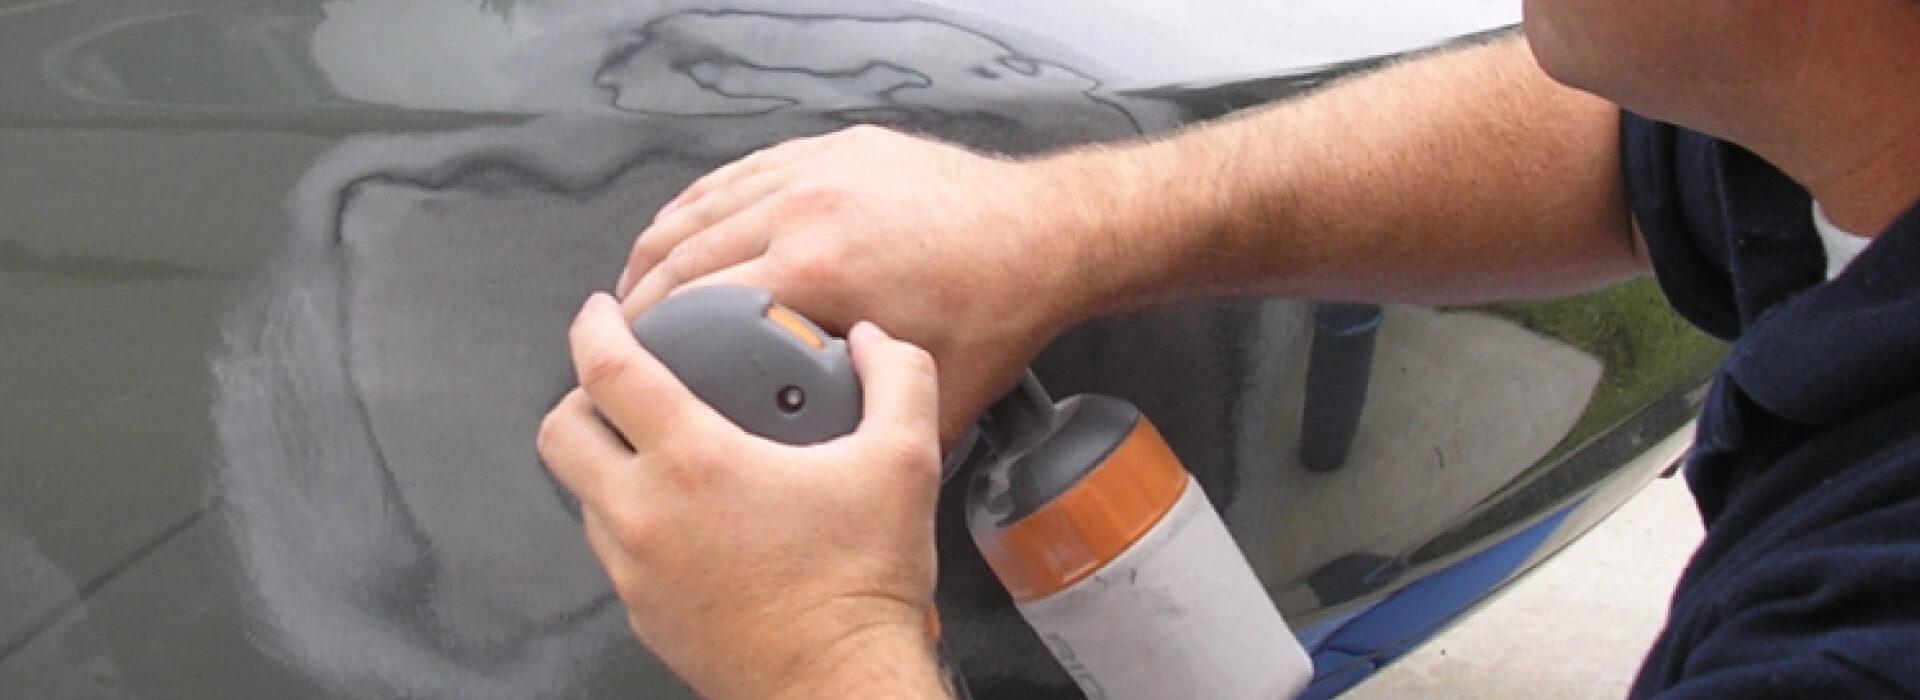 Car Dent Repair Dublin